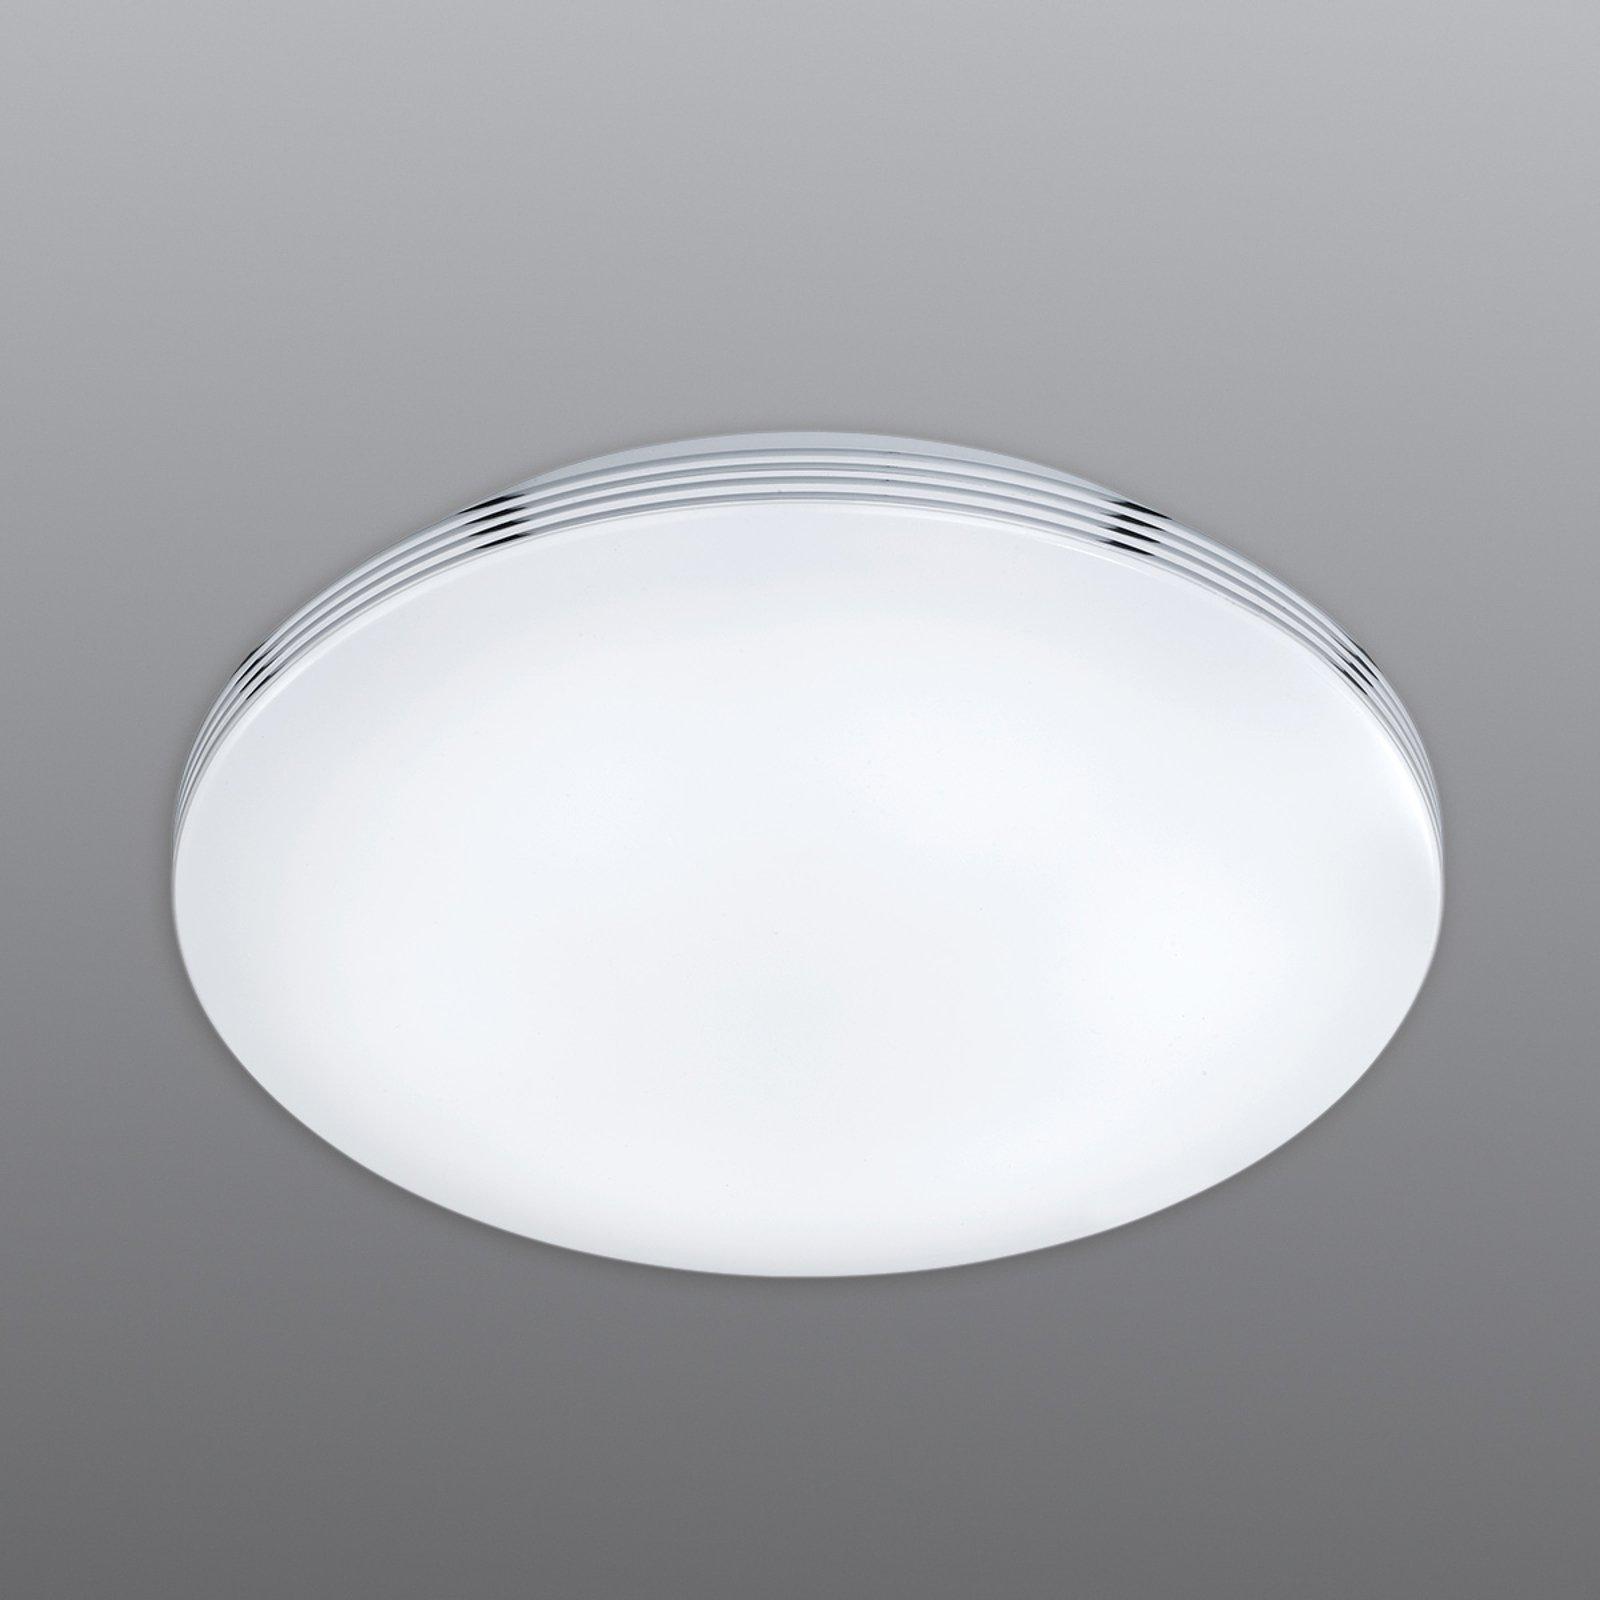 Bad-taklampe Apart med LEDs